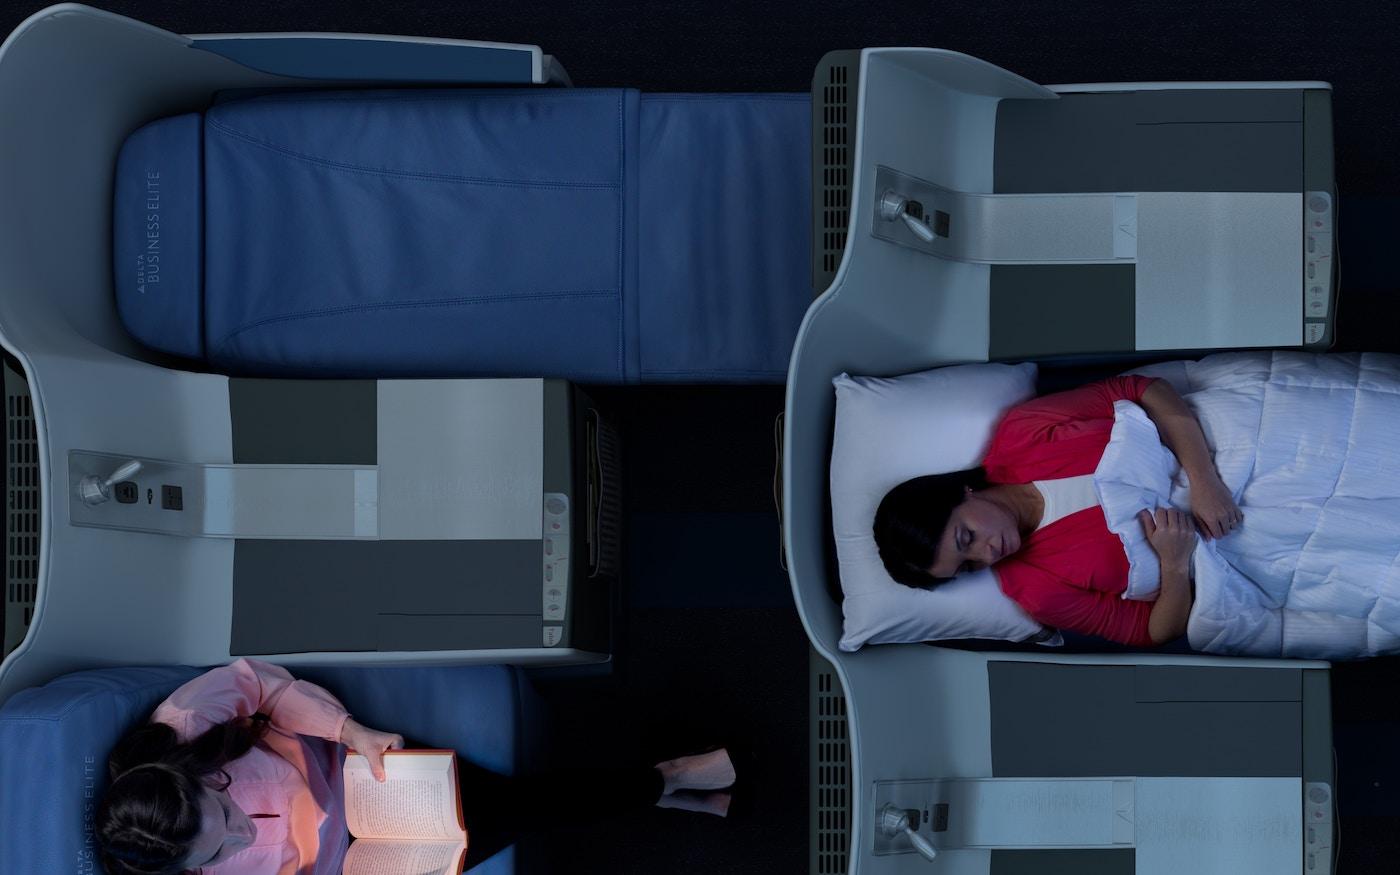 Delta first class seats